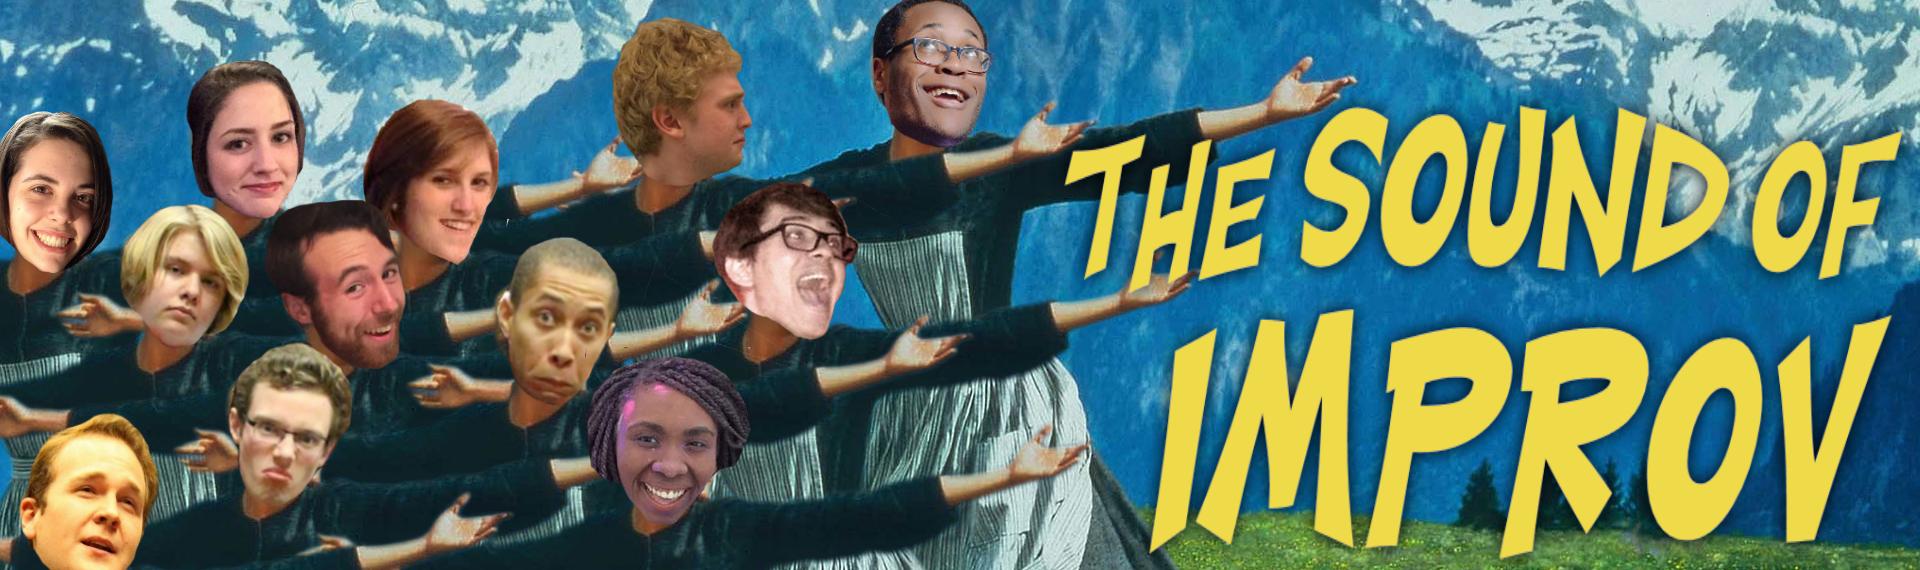 TheSoundofImprov